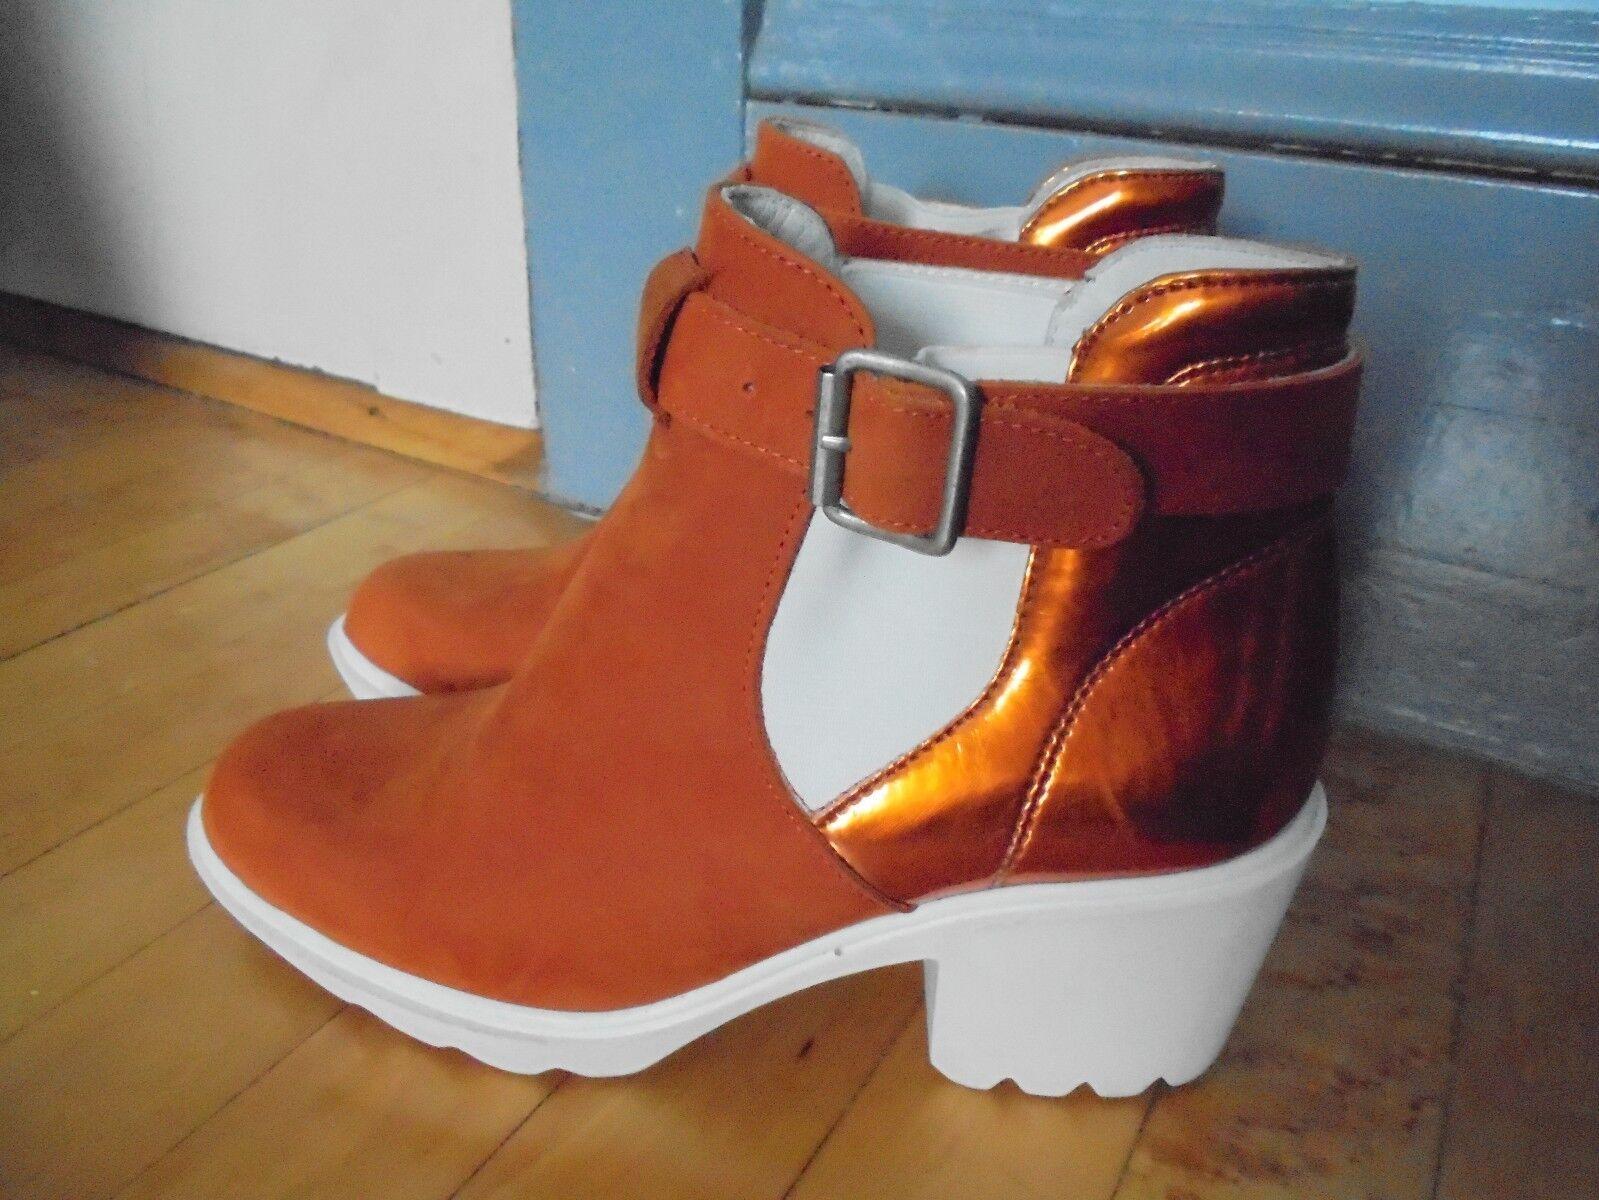 SWEAR London 9 ladies 40 Stiefel schuhe schuhe schuhe Suede Leder Rust orange Weiß NEW 280 8d5dbc